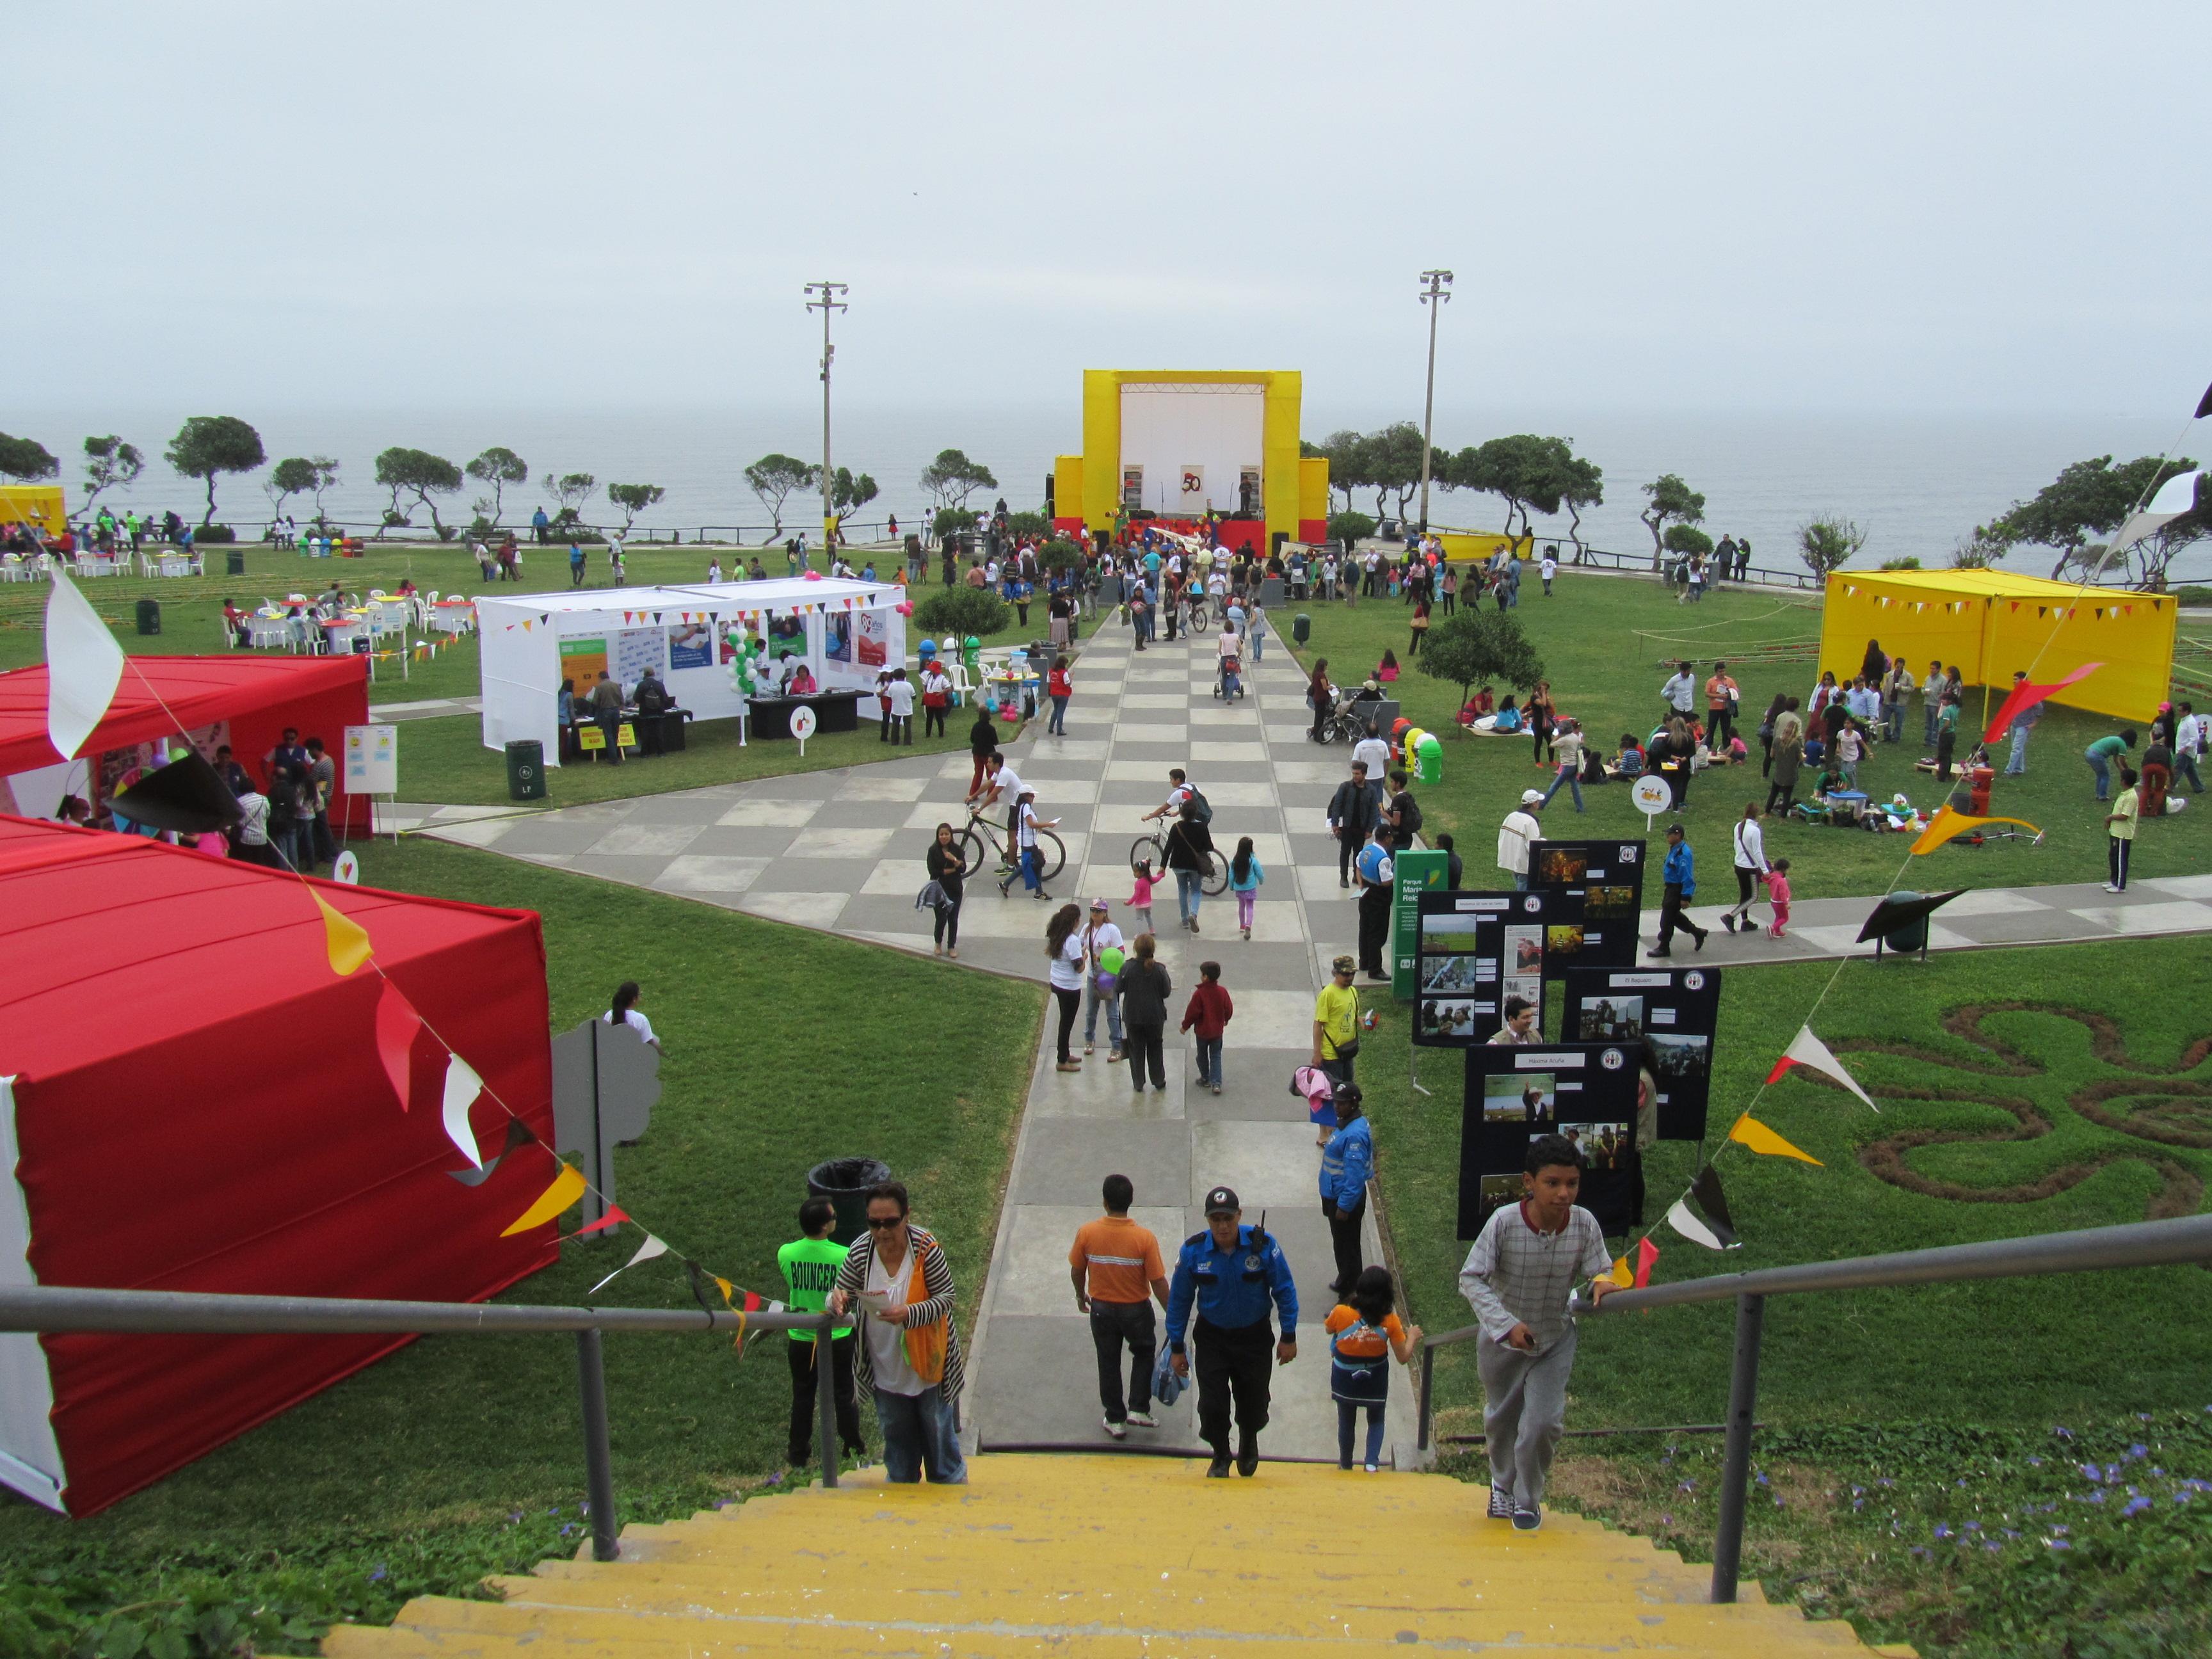 Festival Belge à Miraflores - Lima